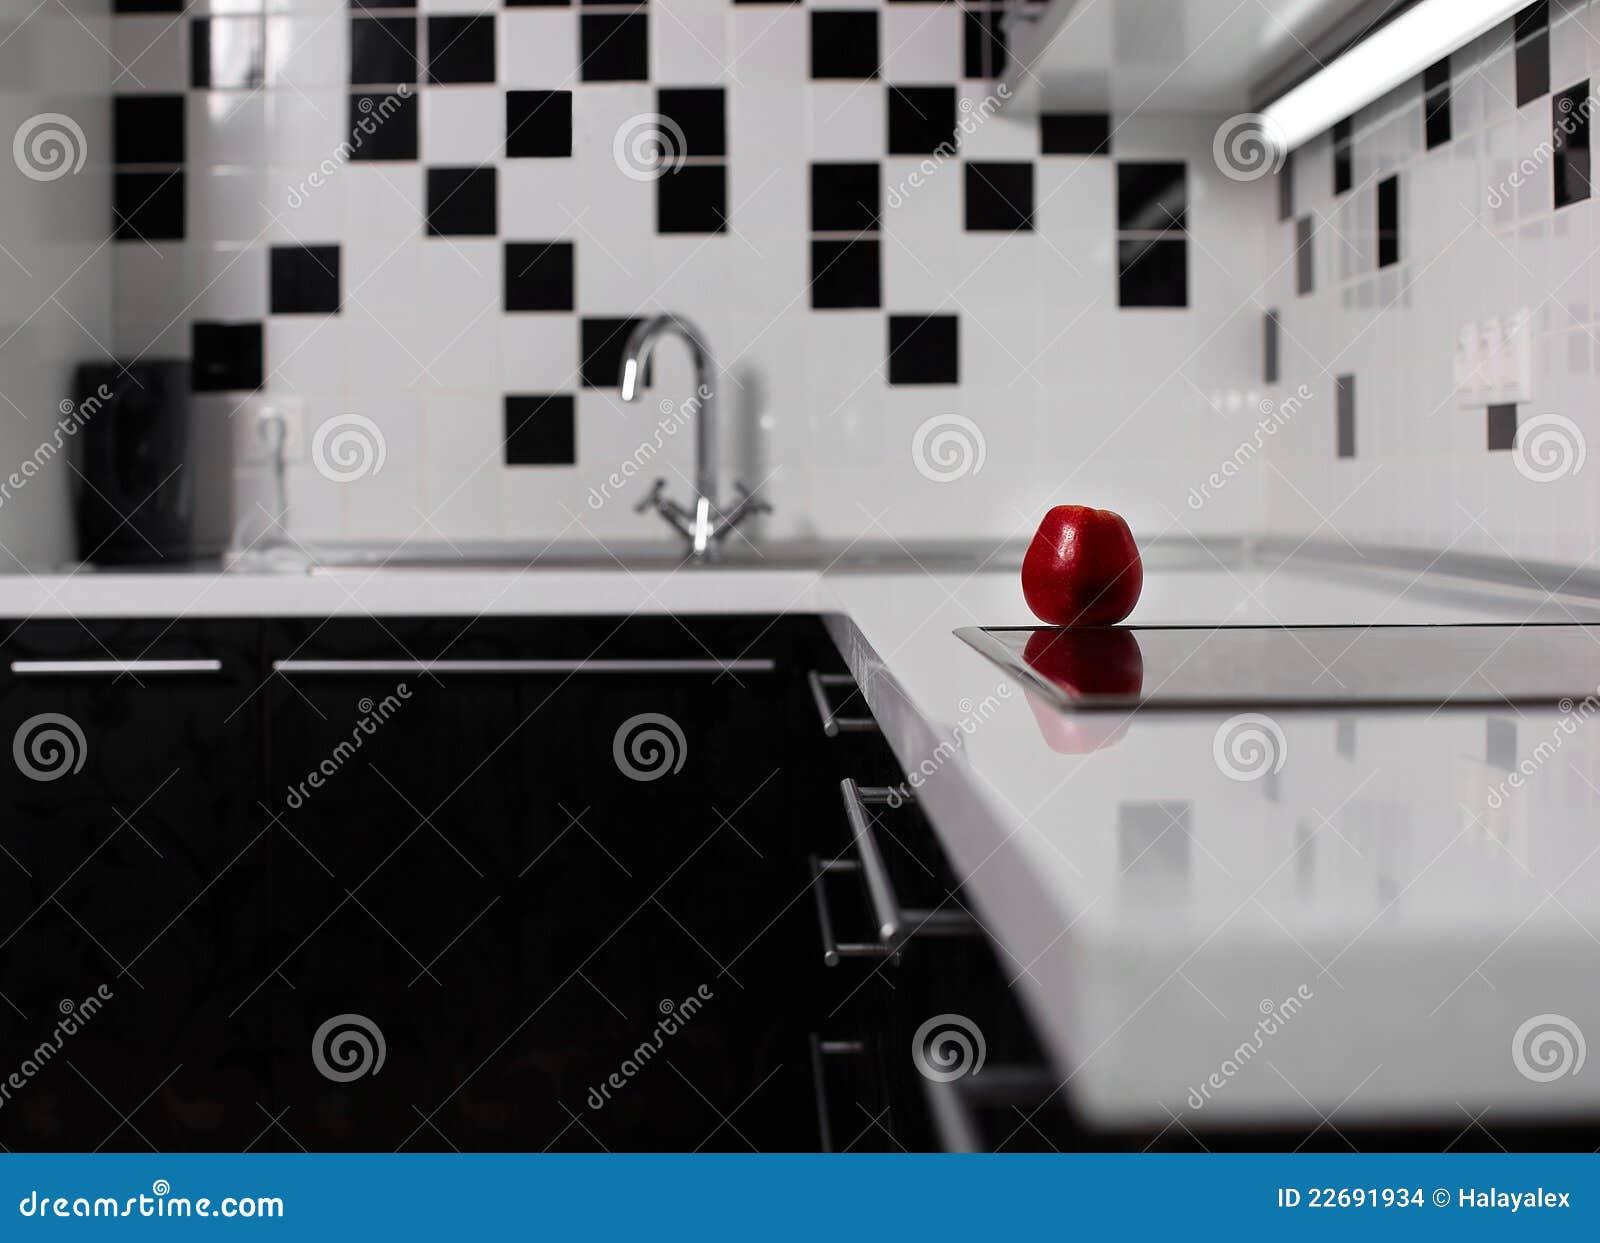 Interior Da Cozinha Preto E Branco Com Maçã Vermelha Imagens de  #83A328 1300 1027